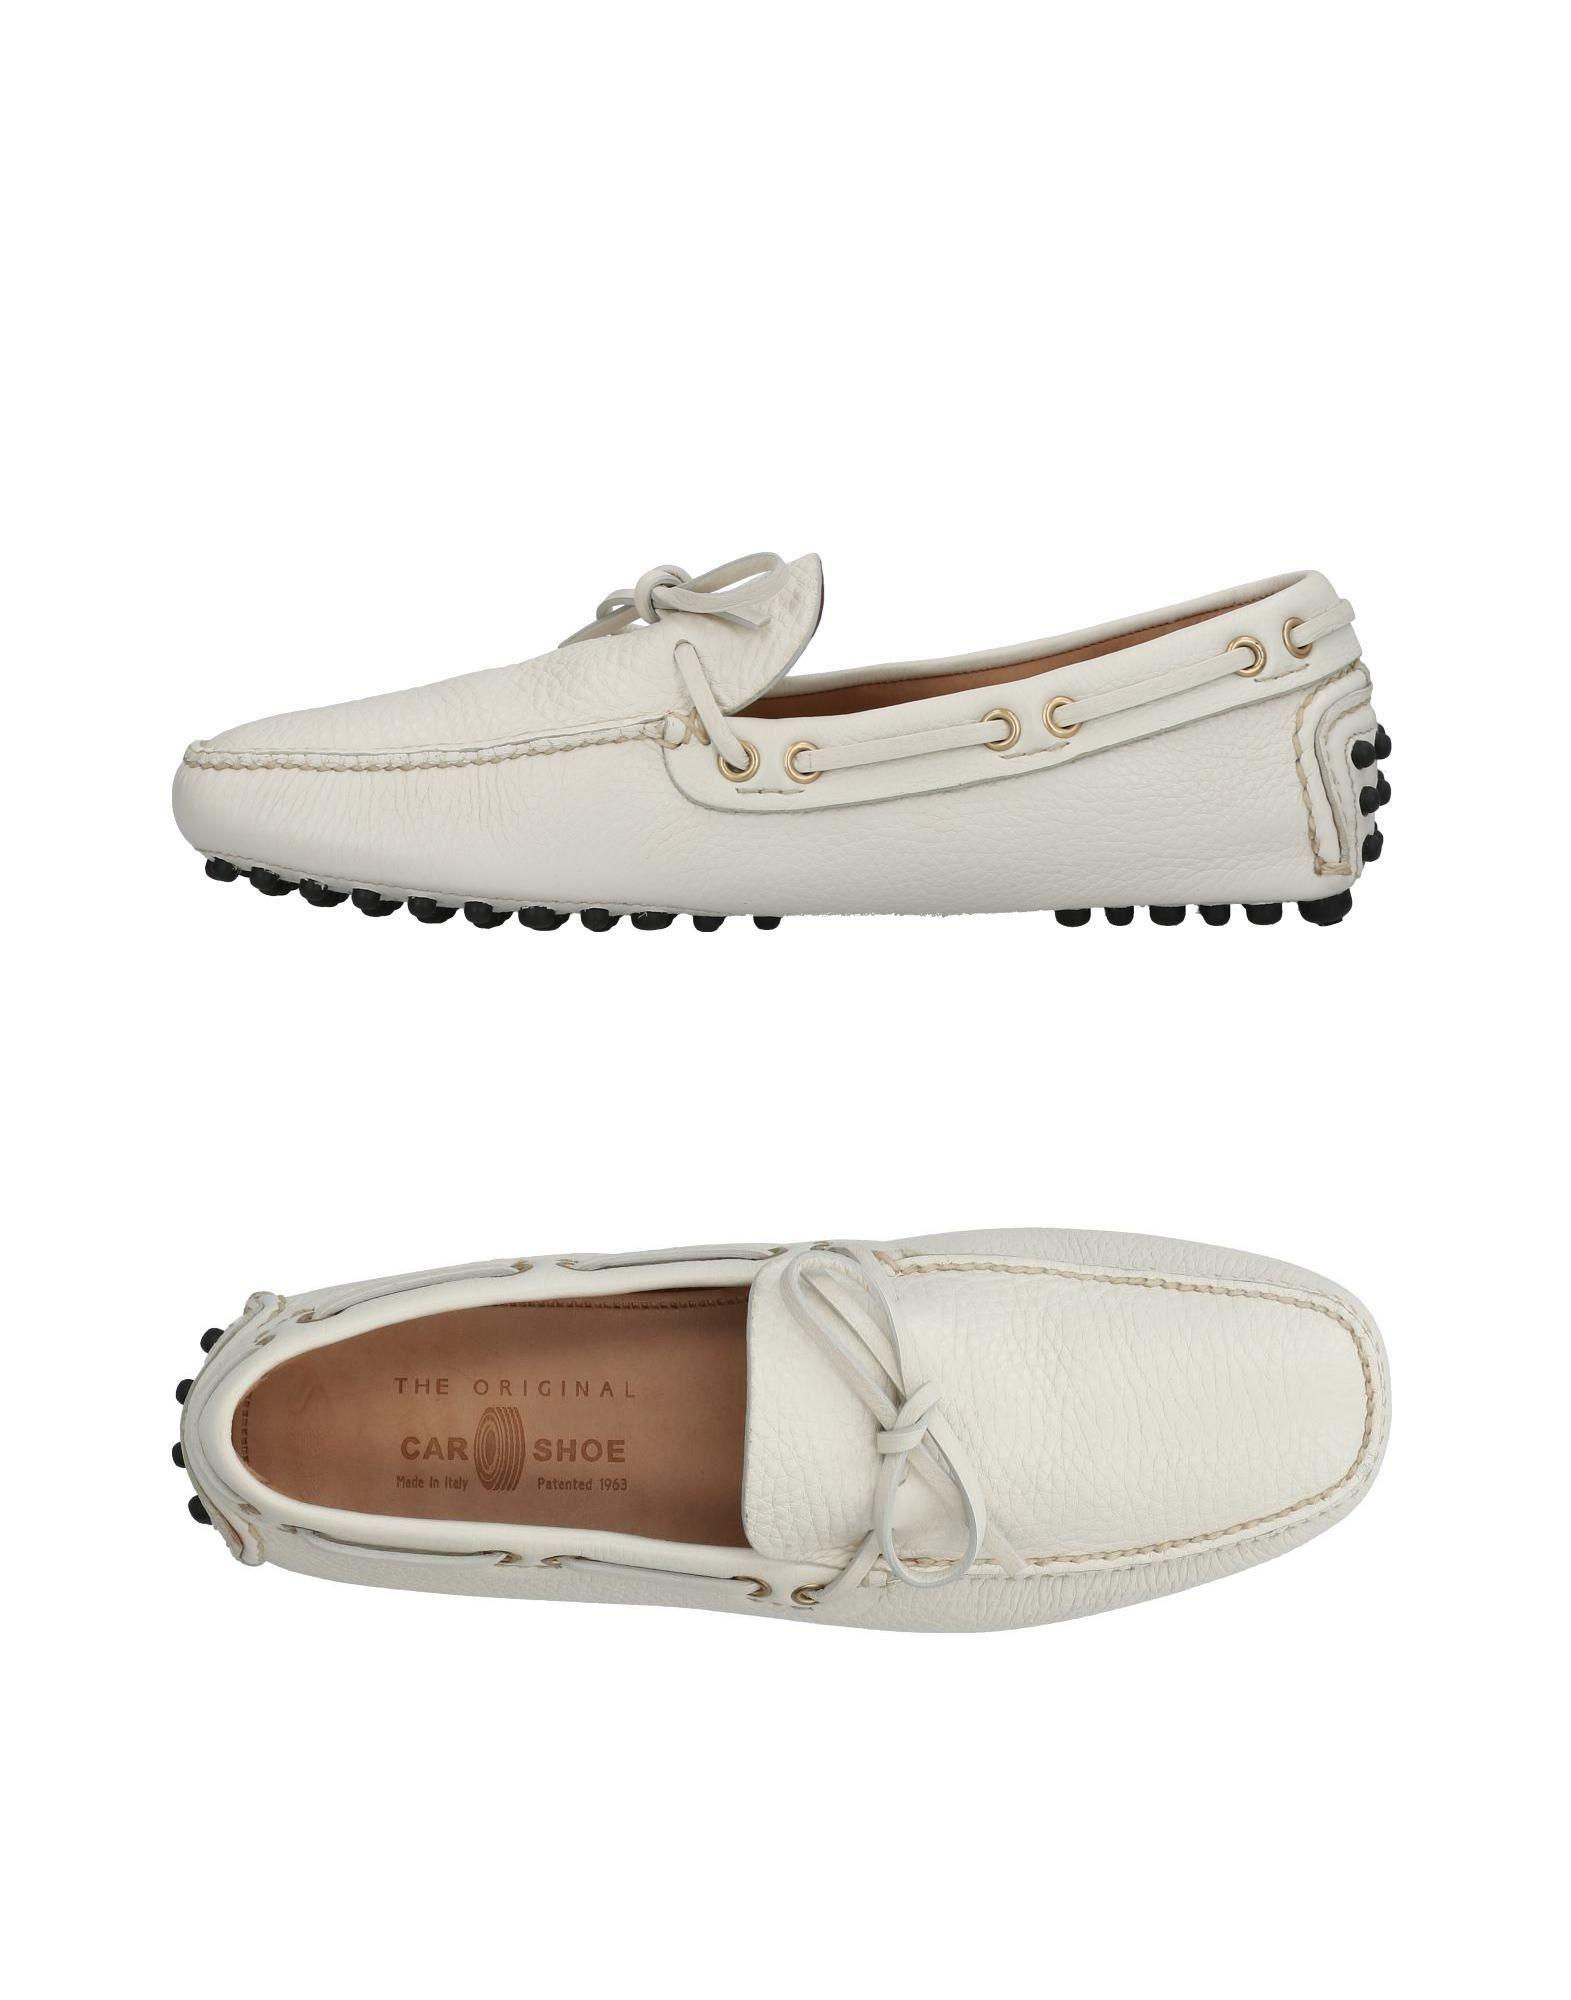 Carshoe Mokassins Herren  11131644NX Schuhe Heiße Schuhe 11131644NX 02d46c